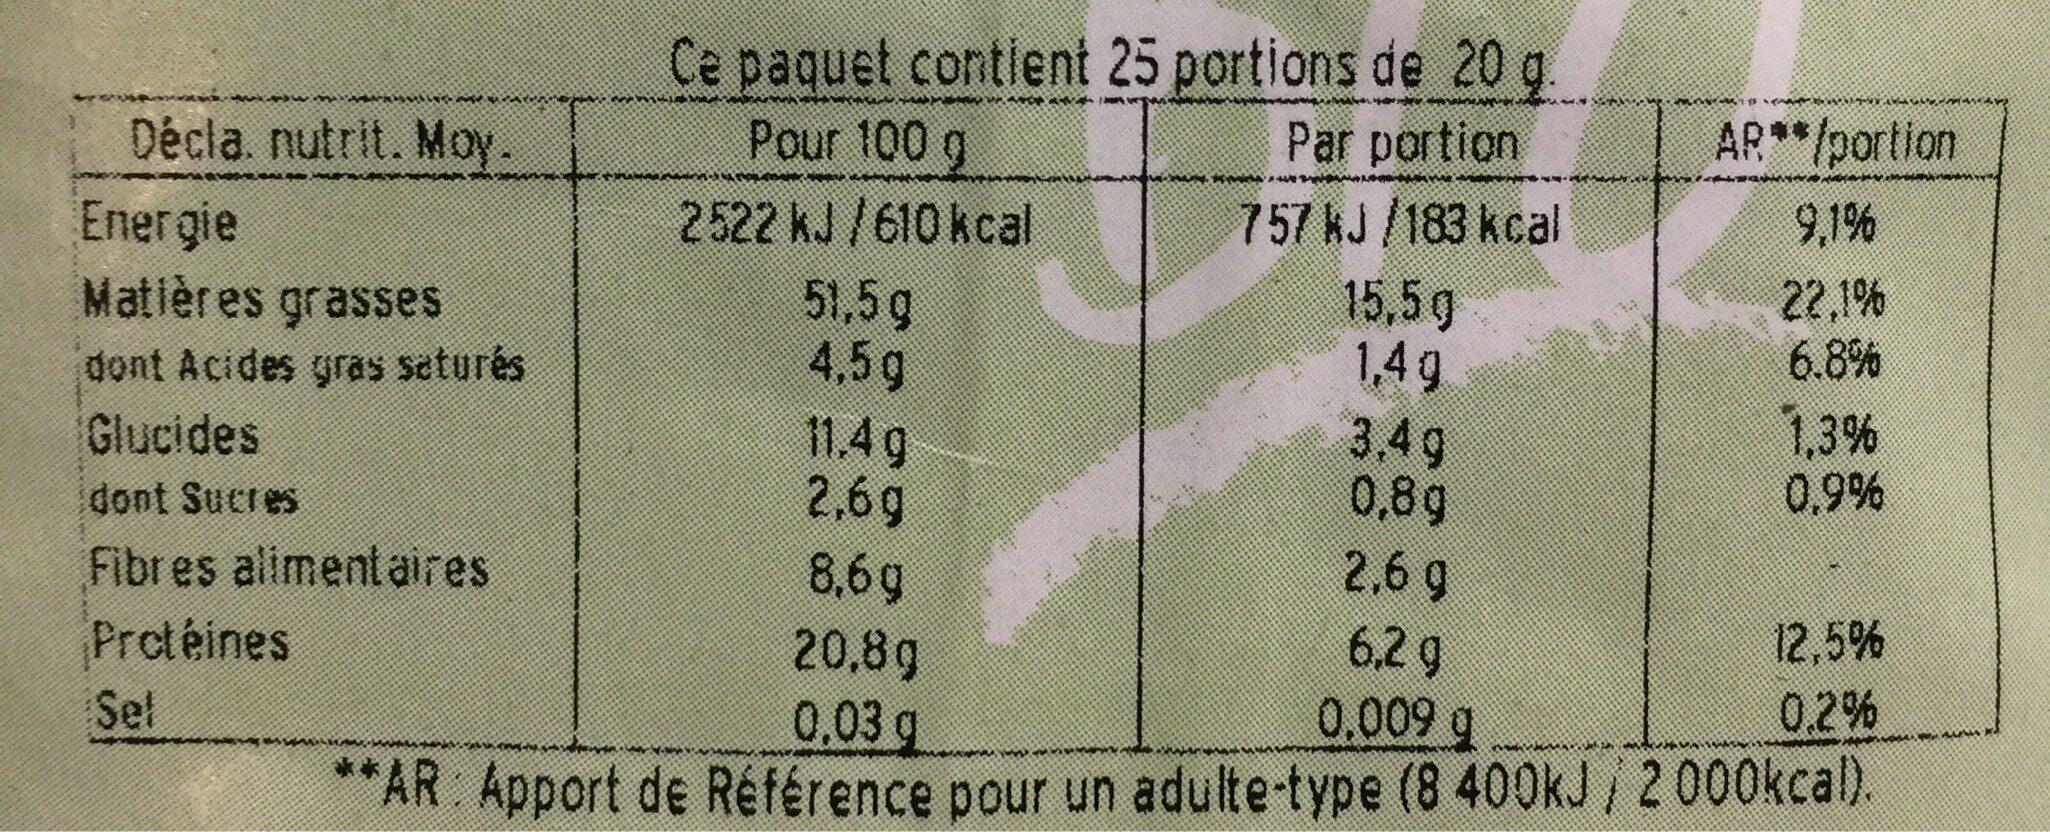 Graines de tournesol décortiquées bio - Informations nutritionnelles - fr